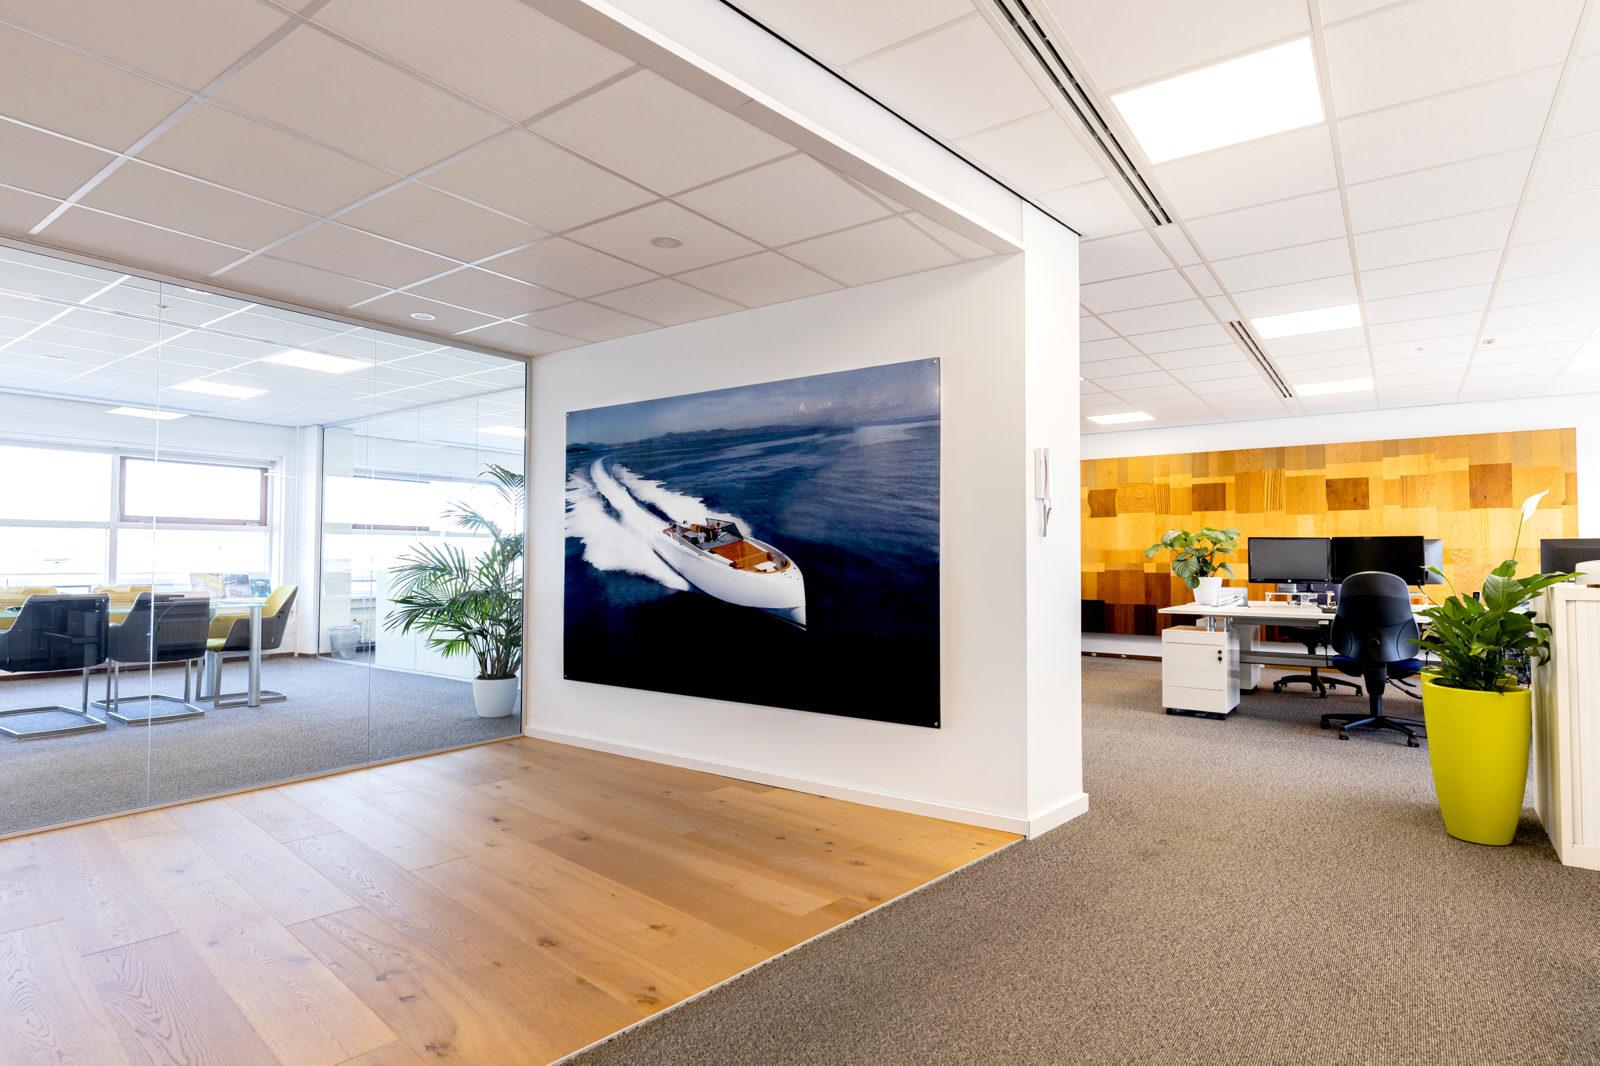 bedrijfsfotografie-studiodelta-website-heisa